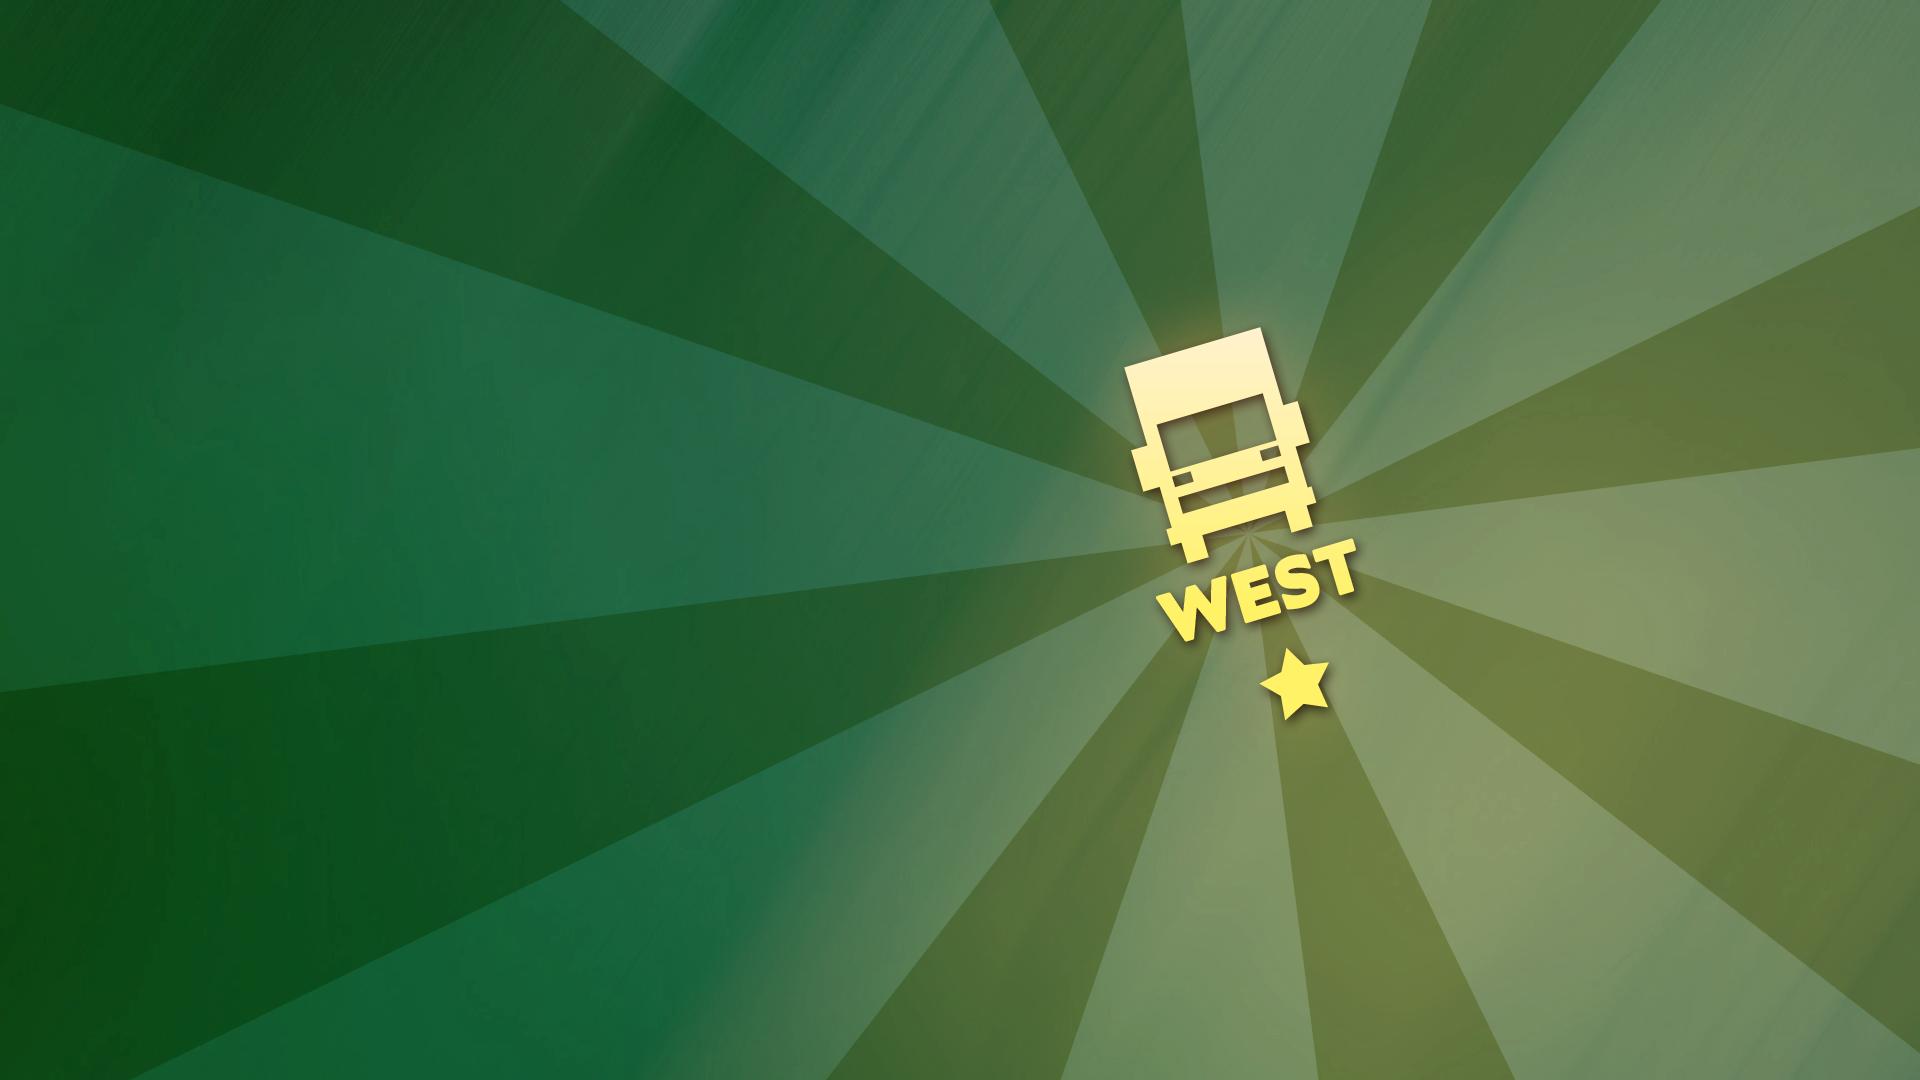 Truck insignia 'West'